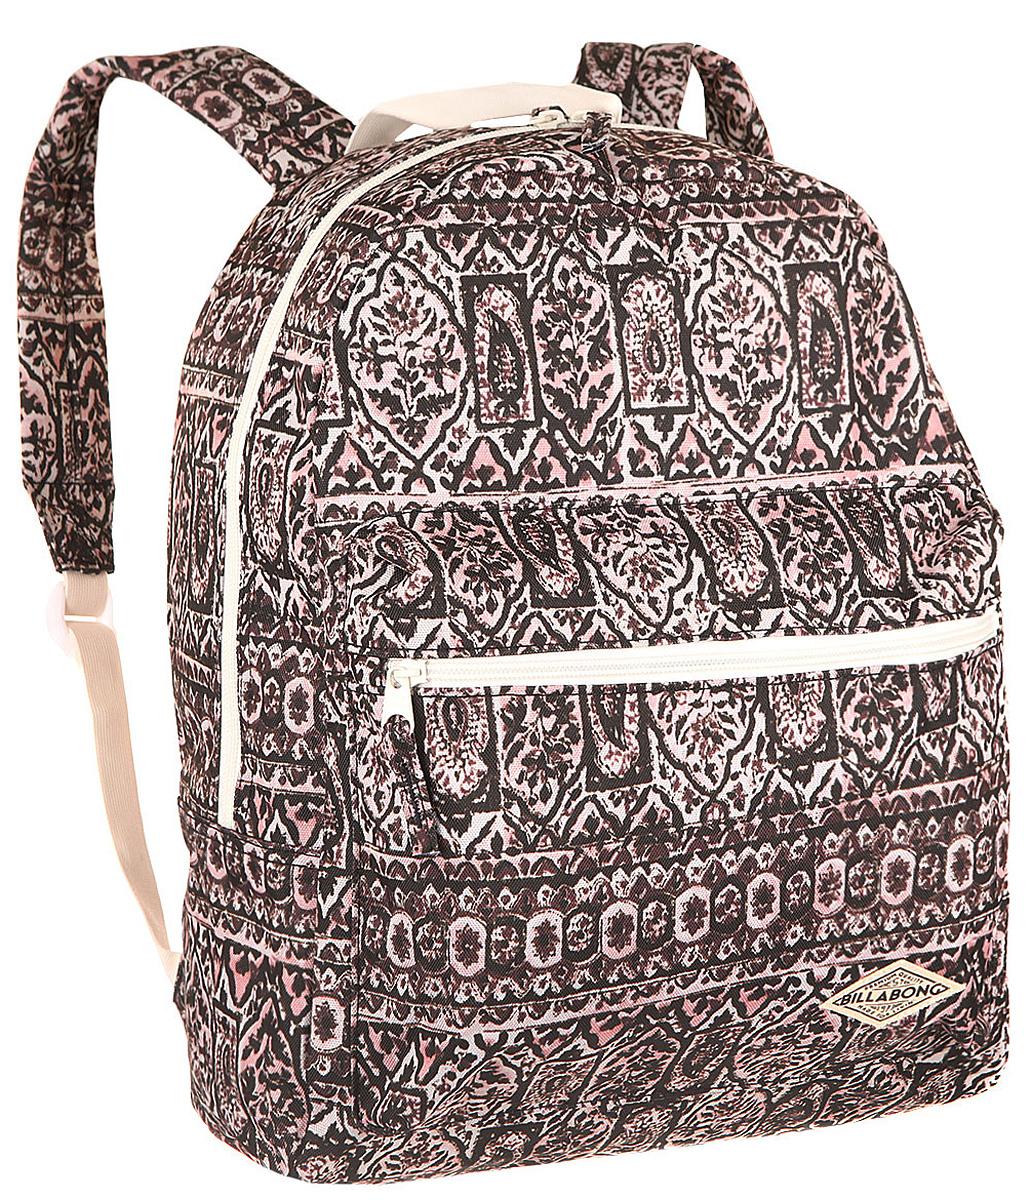 Рюкзак городской Billabong Breezy Shorez, цвет: темно-вишневый , 18 лH009Стильный рюкзак Billabong с абстрактным принтом составит Вам отличную компанию для перемещений по городу. Внутри рюкзака есть такое актуальное в наши дни отделение для ноутбука или планшета, а снаружи предусмотрен небольшой карман на молнии для мелочей